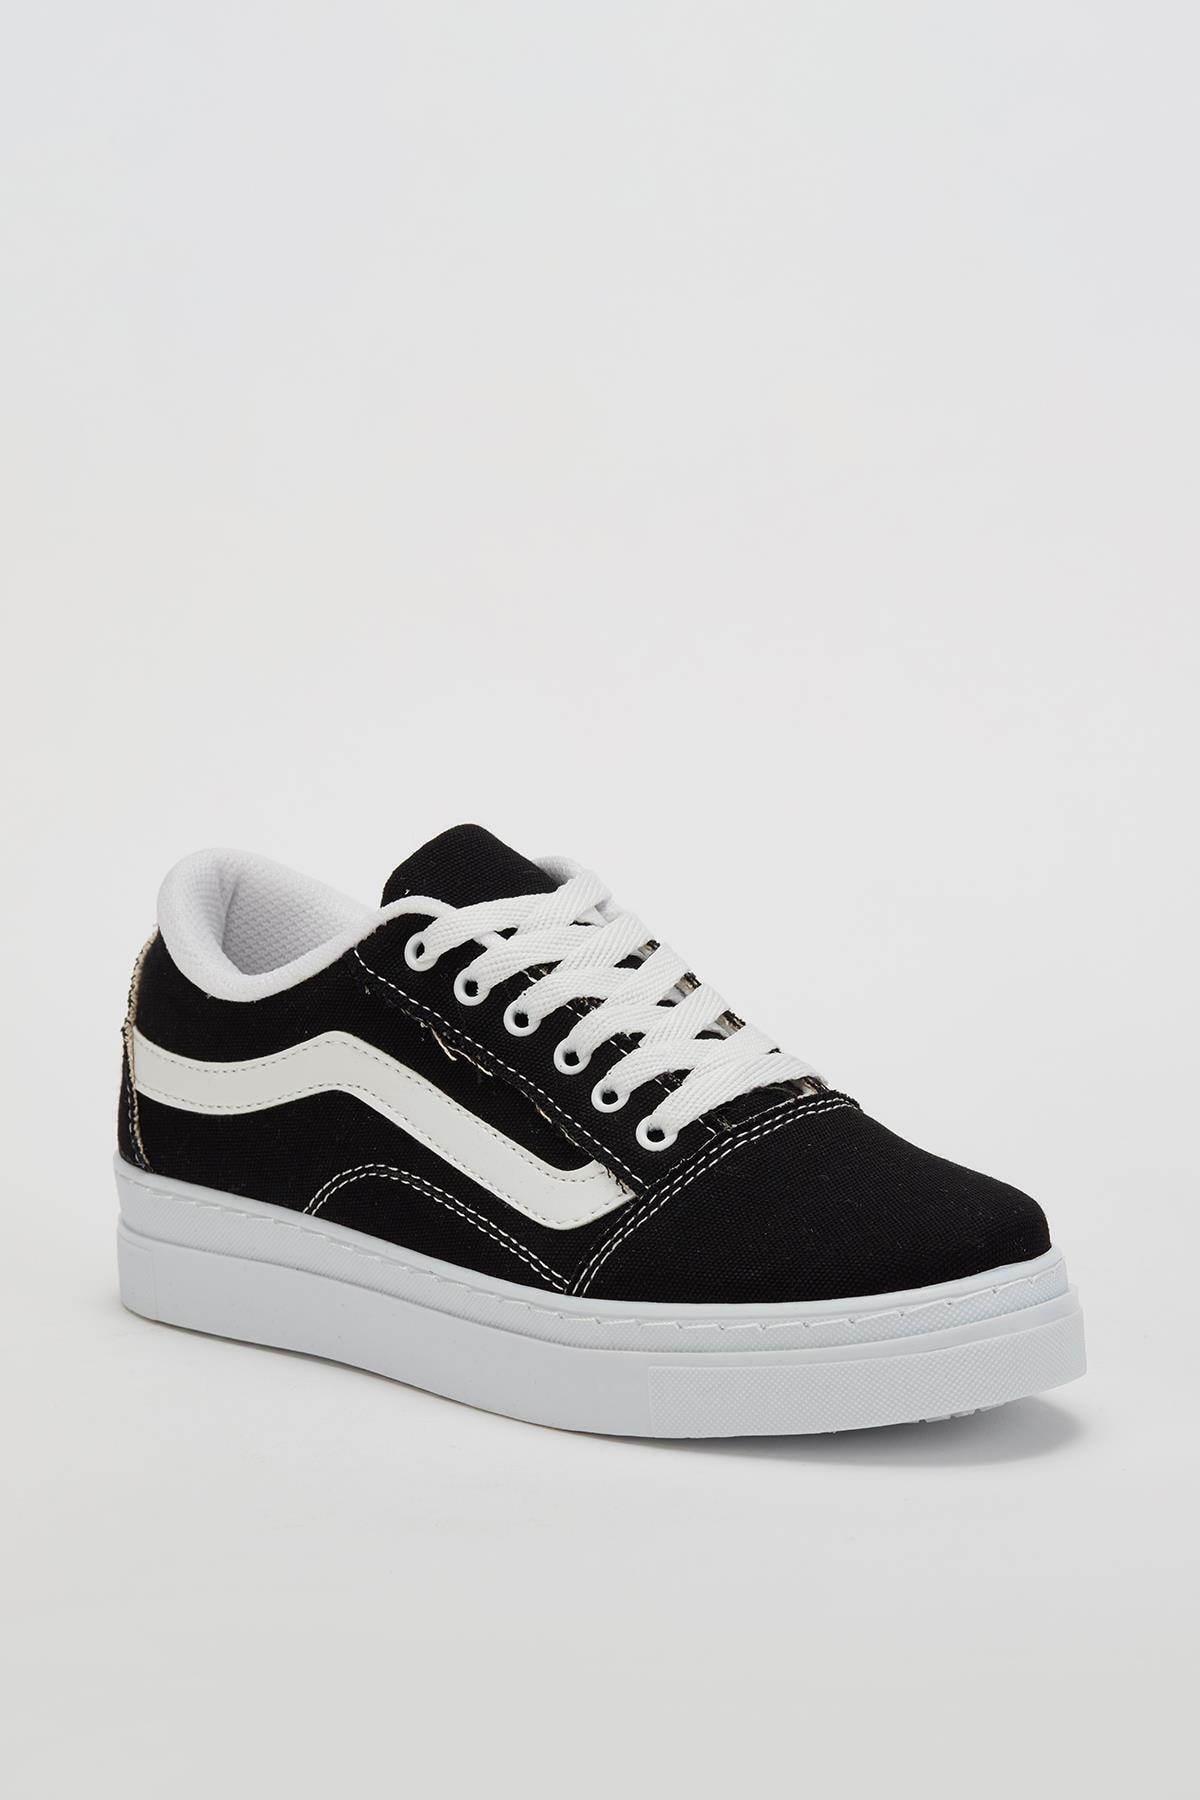 MUGGO Crs36 Unisex Sneaker Ayakkabı 1